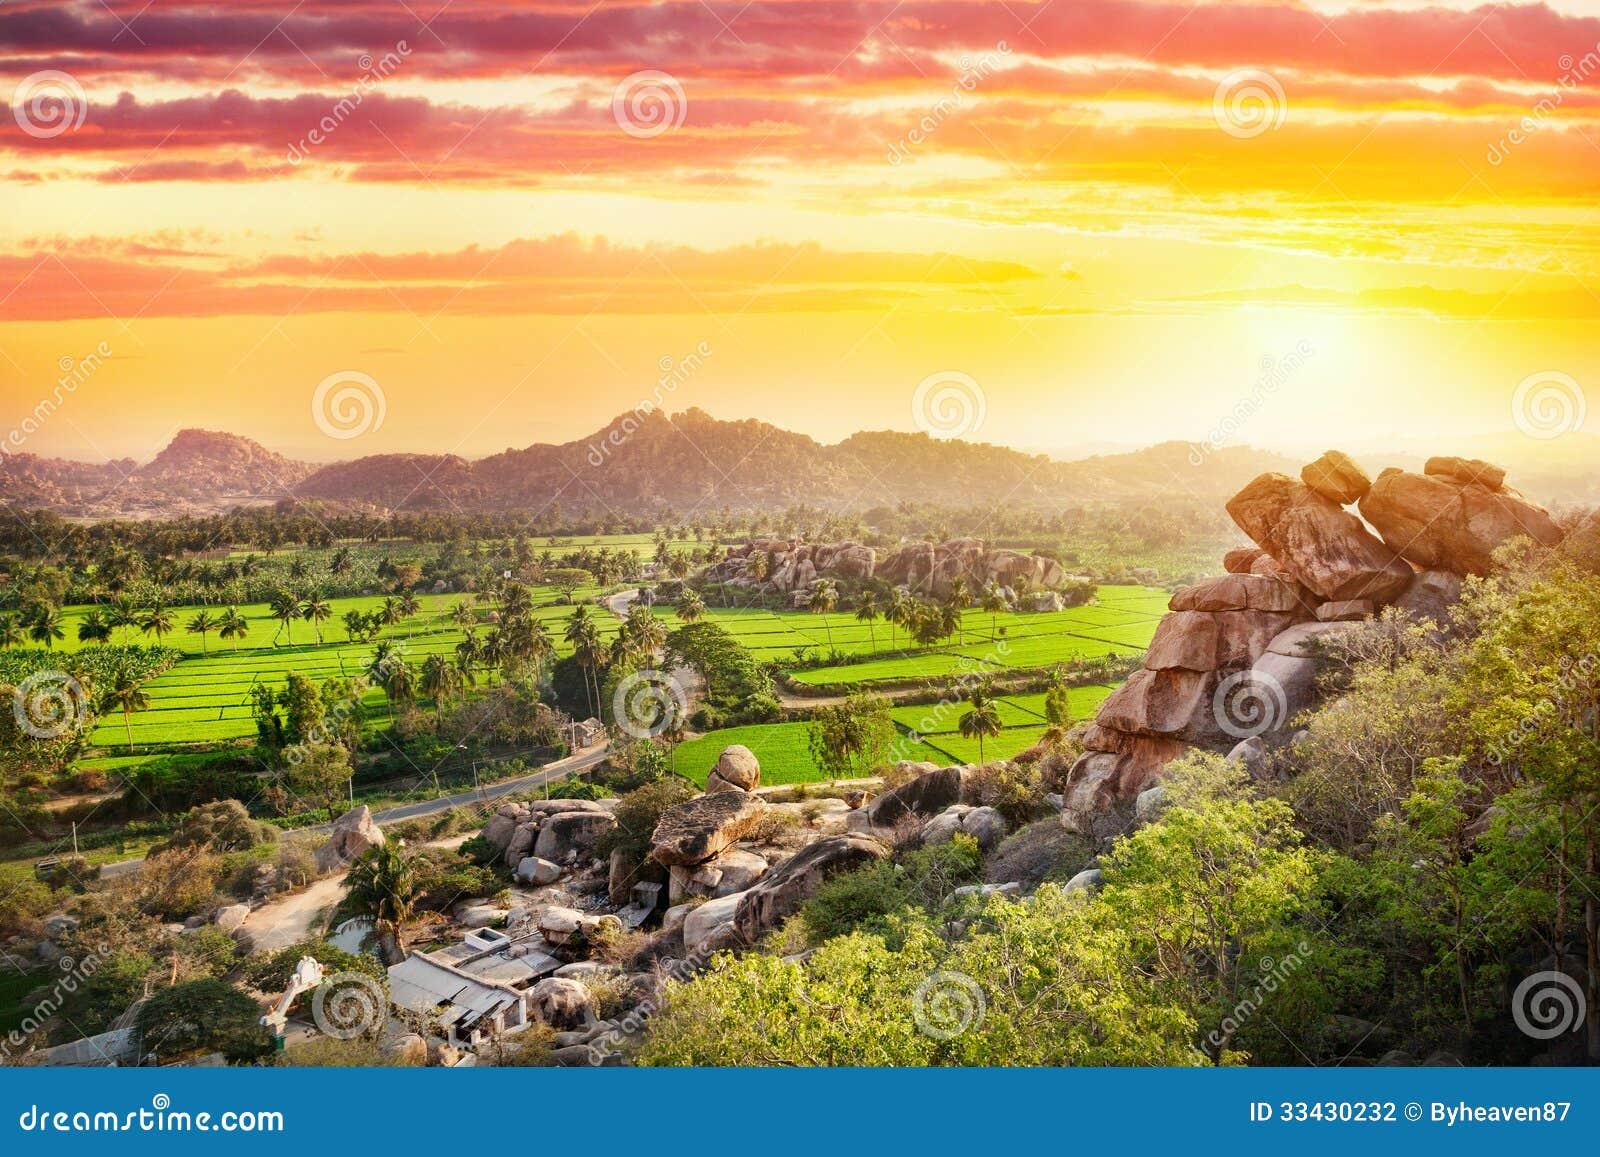 Hampivallei in India